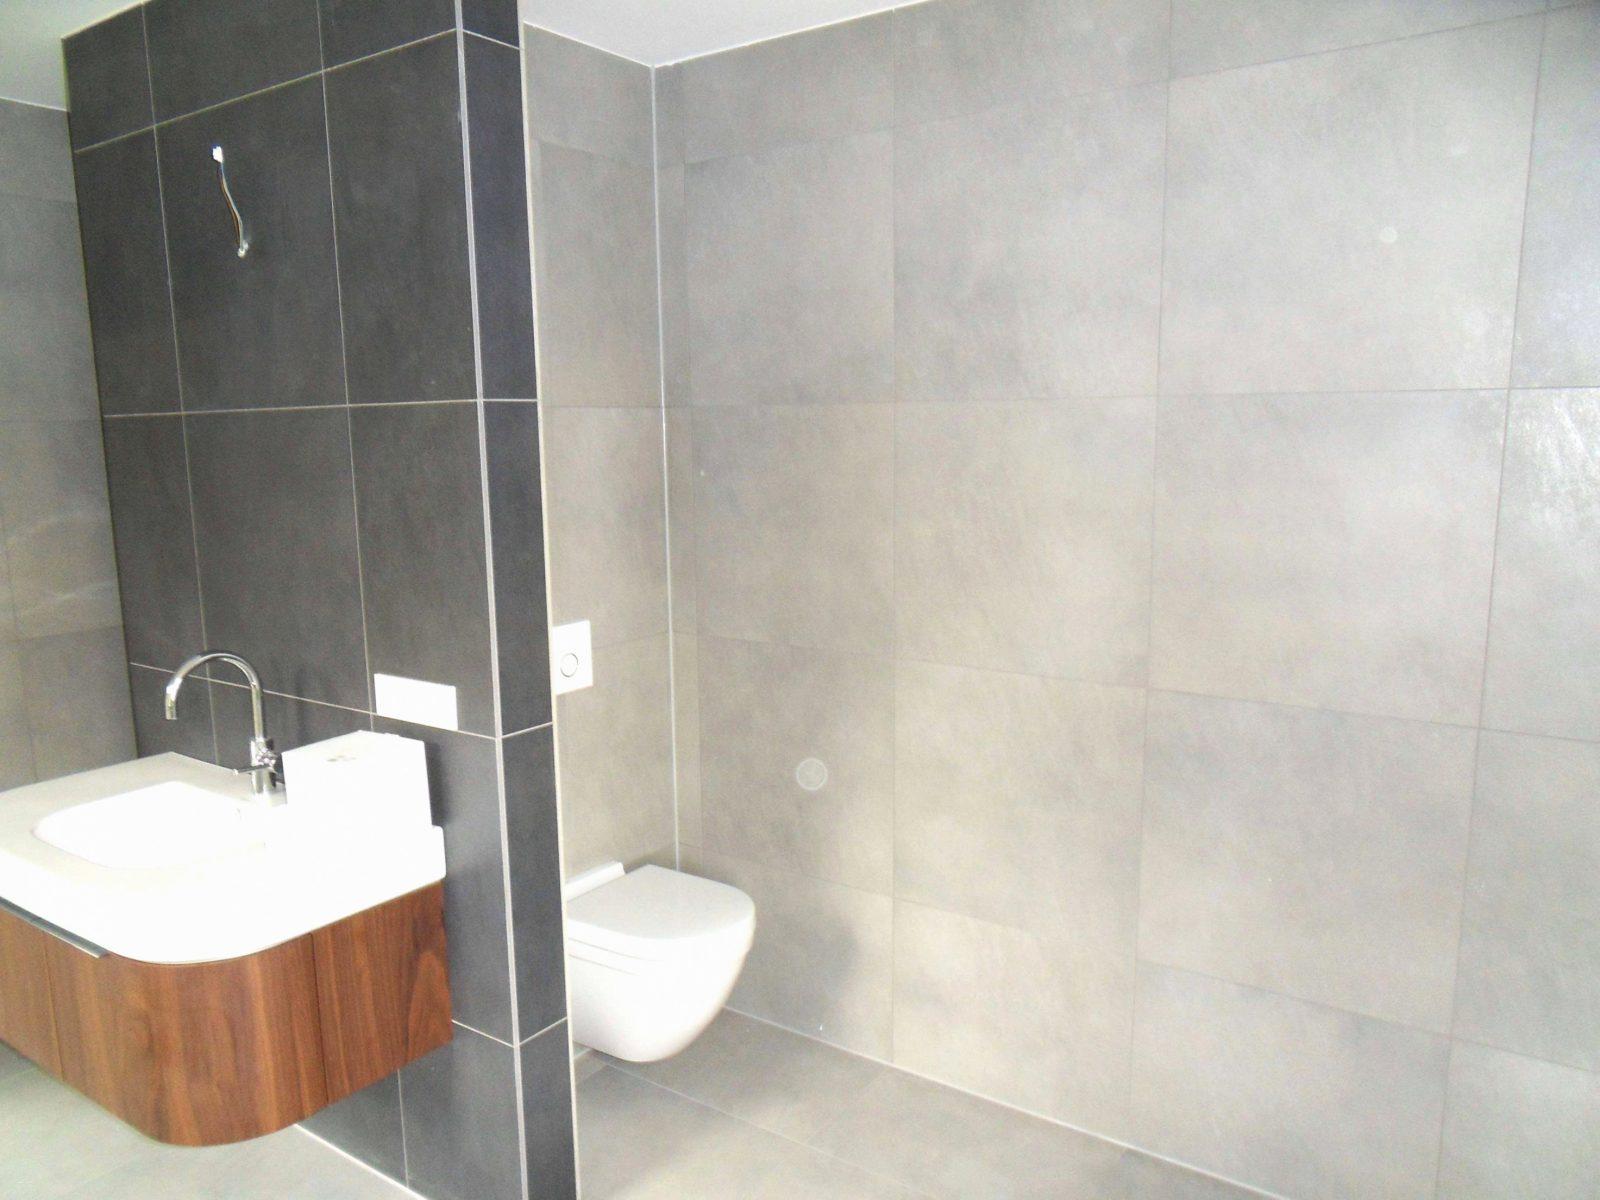 Badezimmer Ohne Fliesen Erfahrungen Badezimmer Fliesen von Badezimmer Fliesen Ausstellung Bild